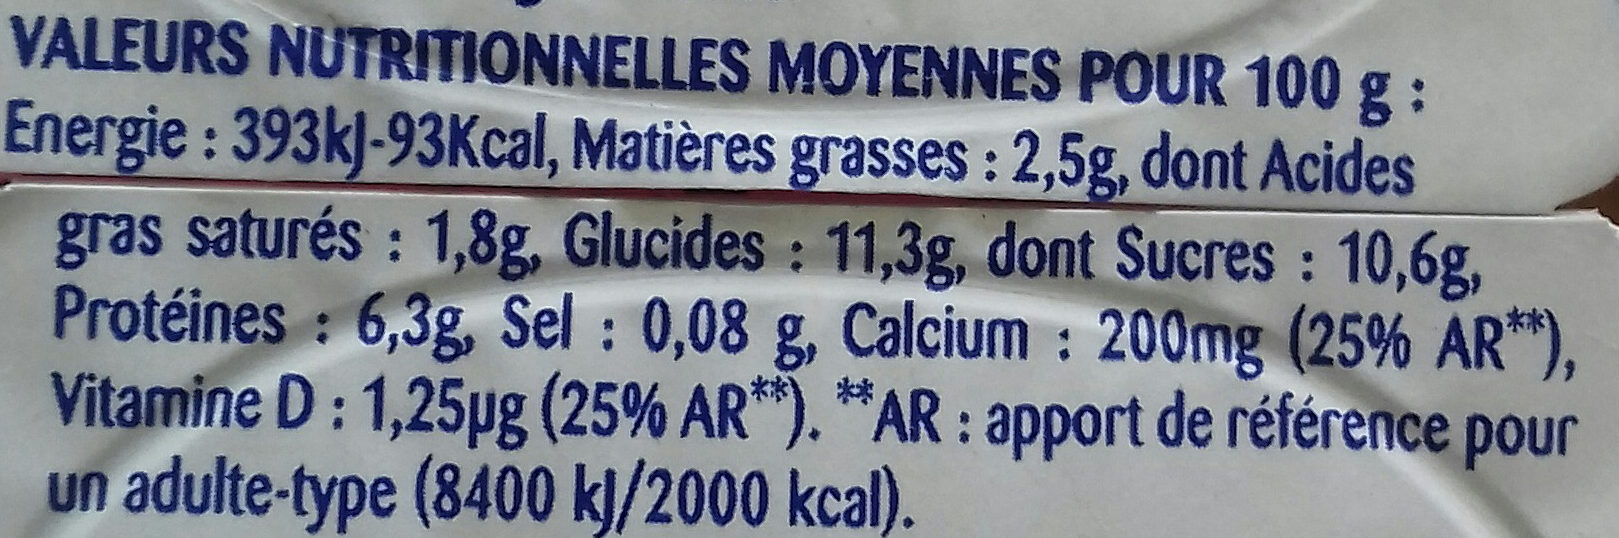 Fromages blancs aux fruits, framboise, abricot et fraise - Nutrition facts